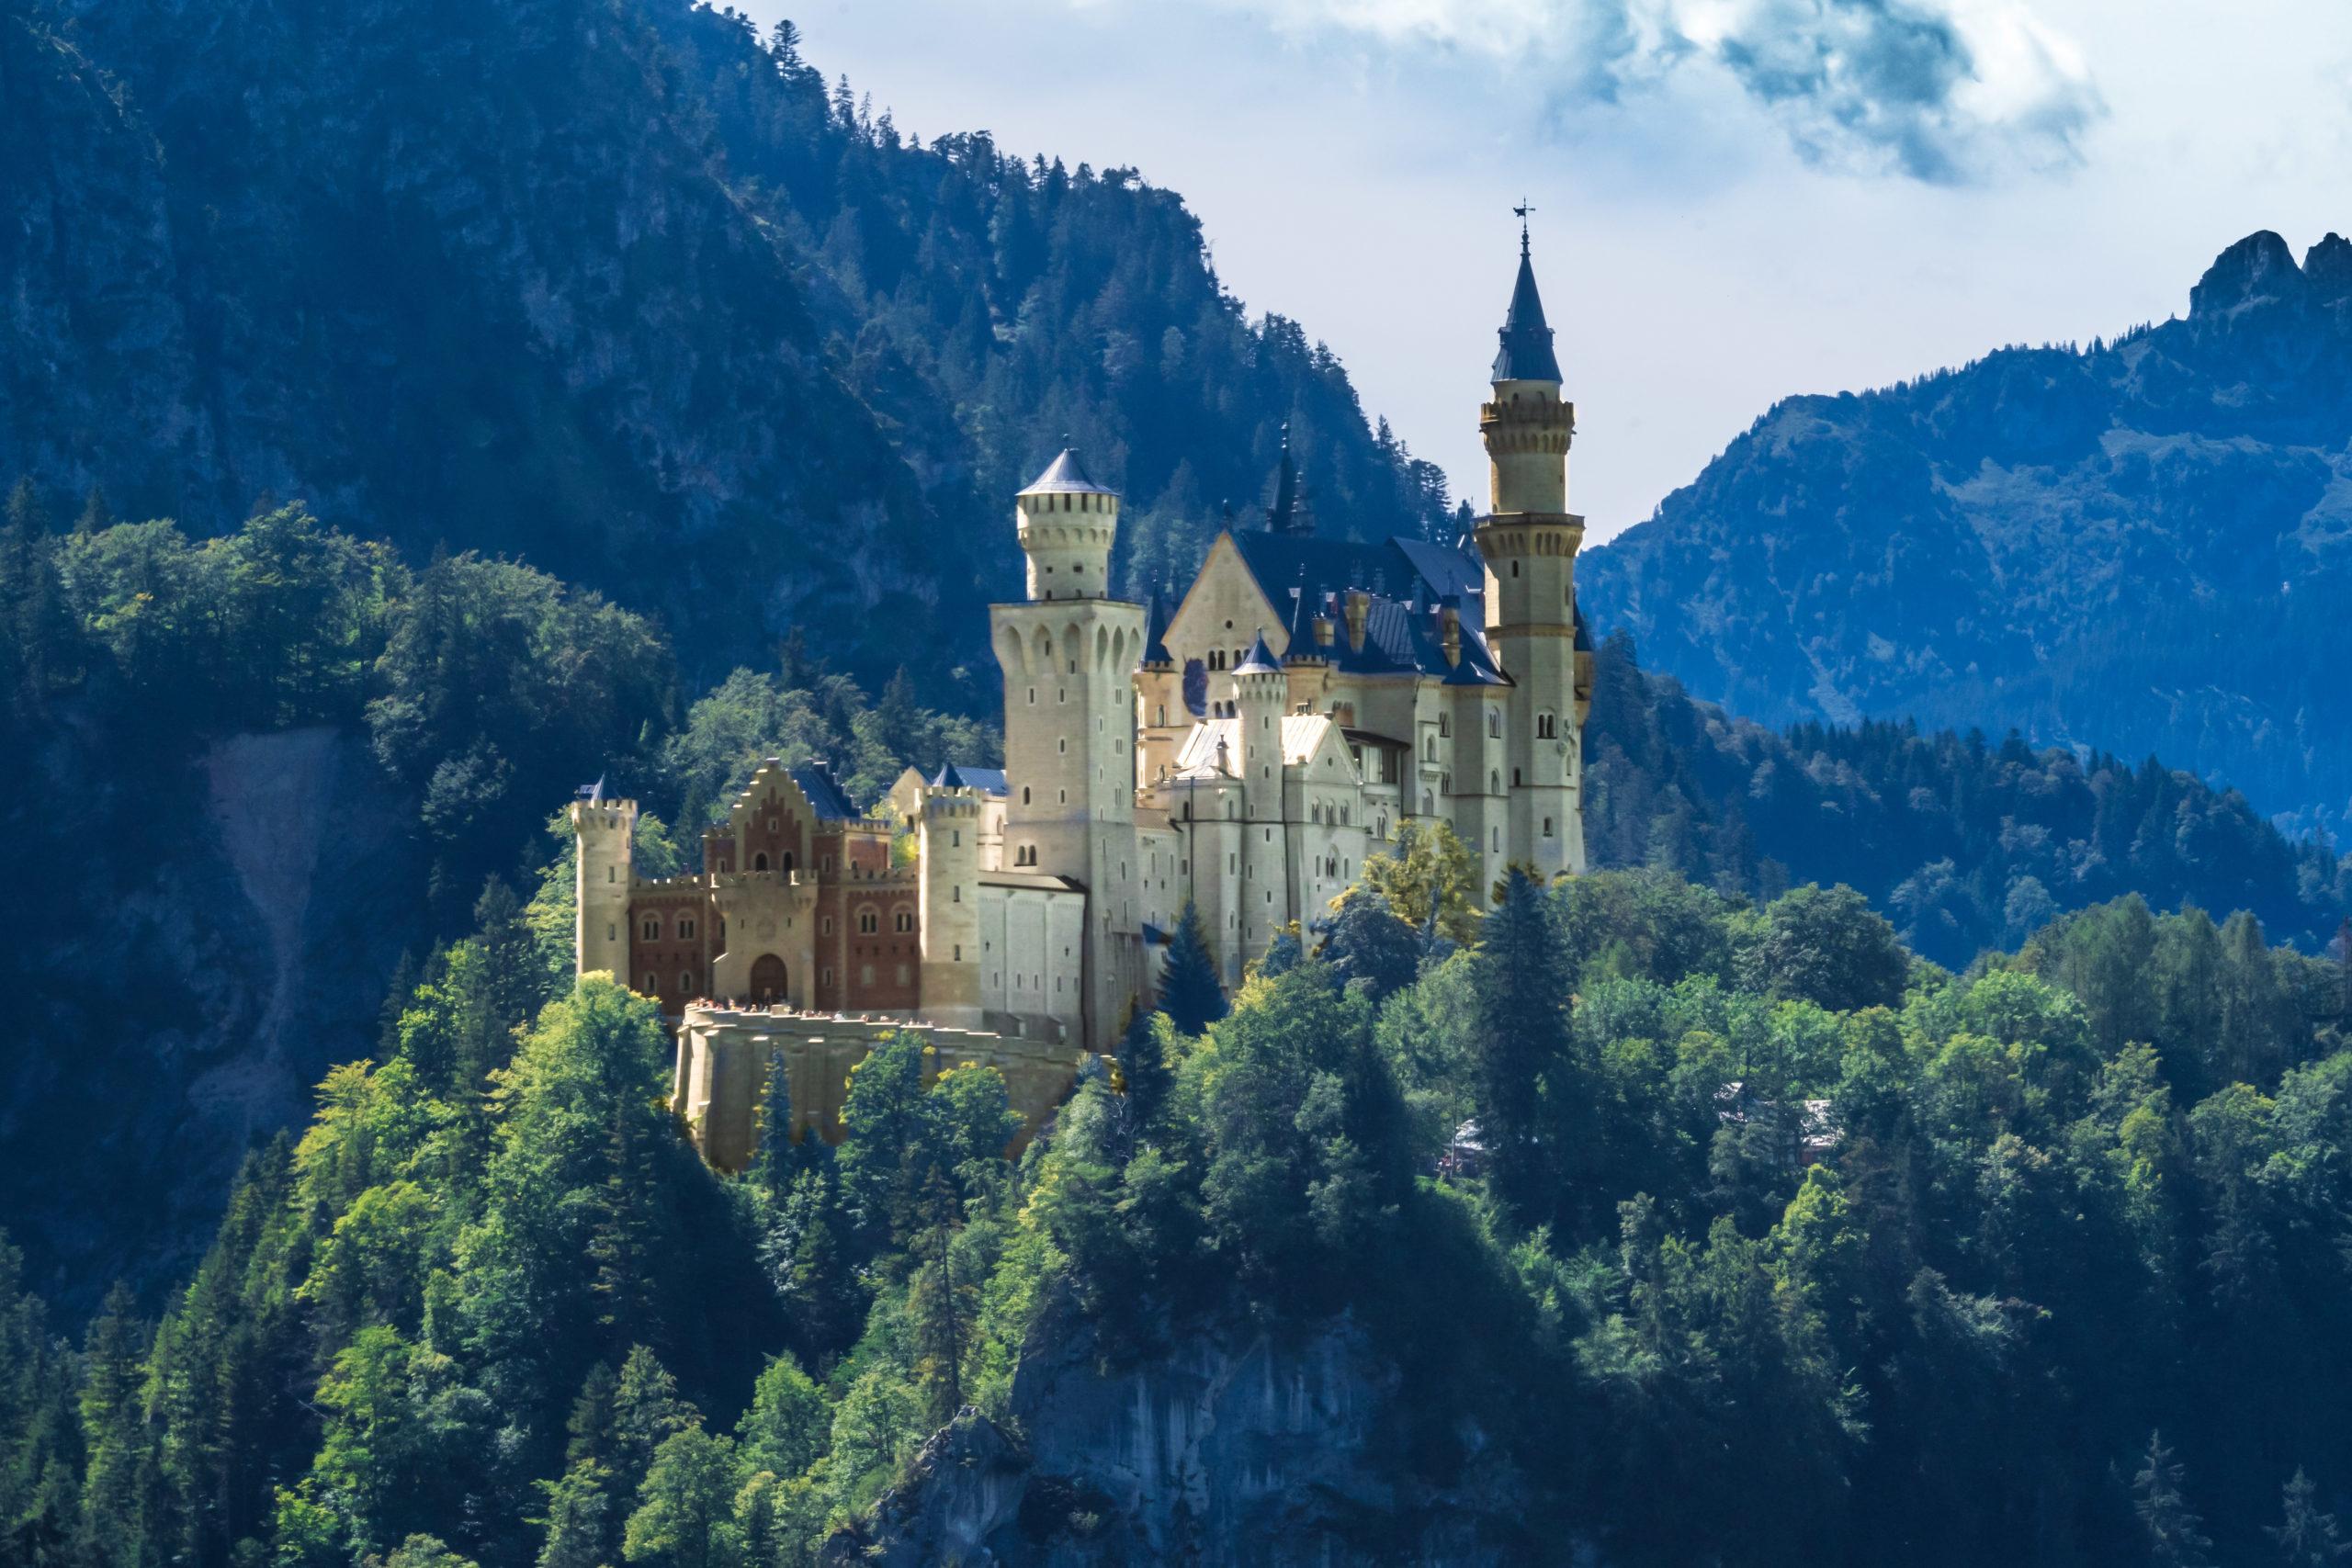 Blick am Tegelberg auf Schloss Neuschwanstein